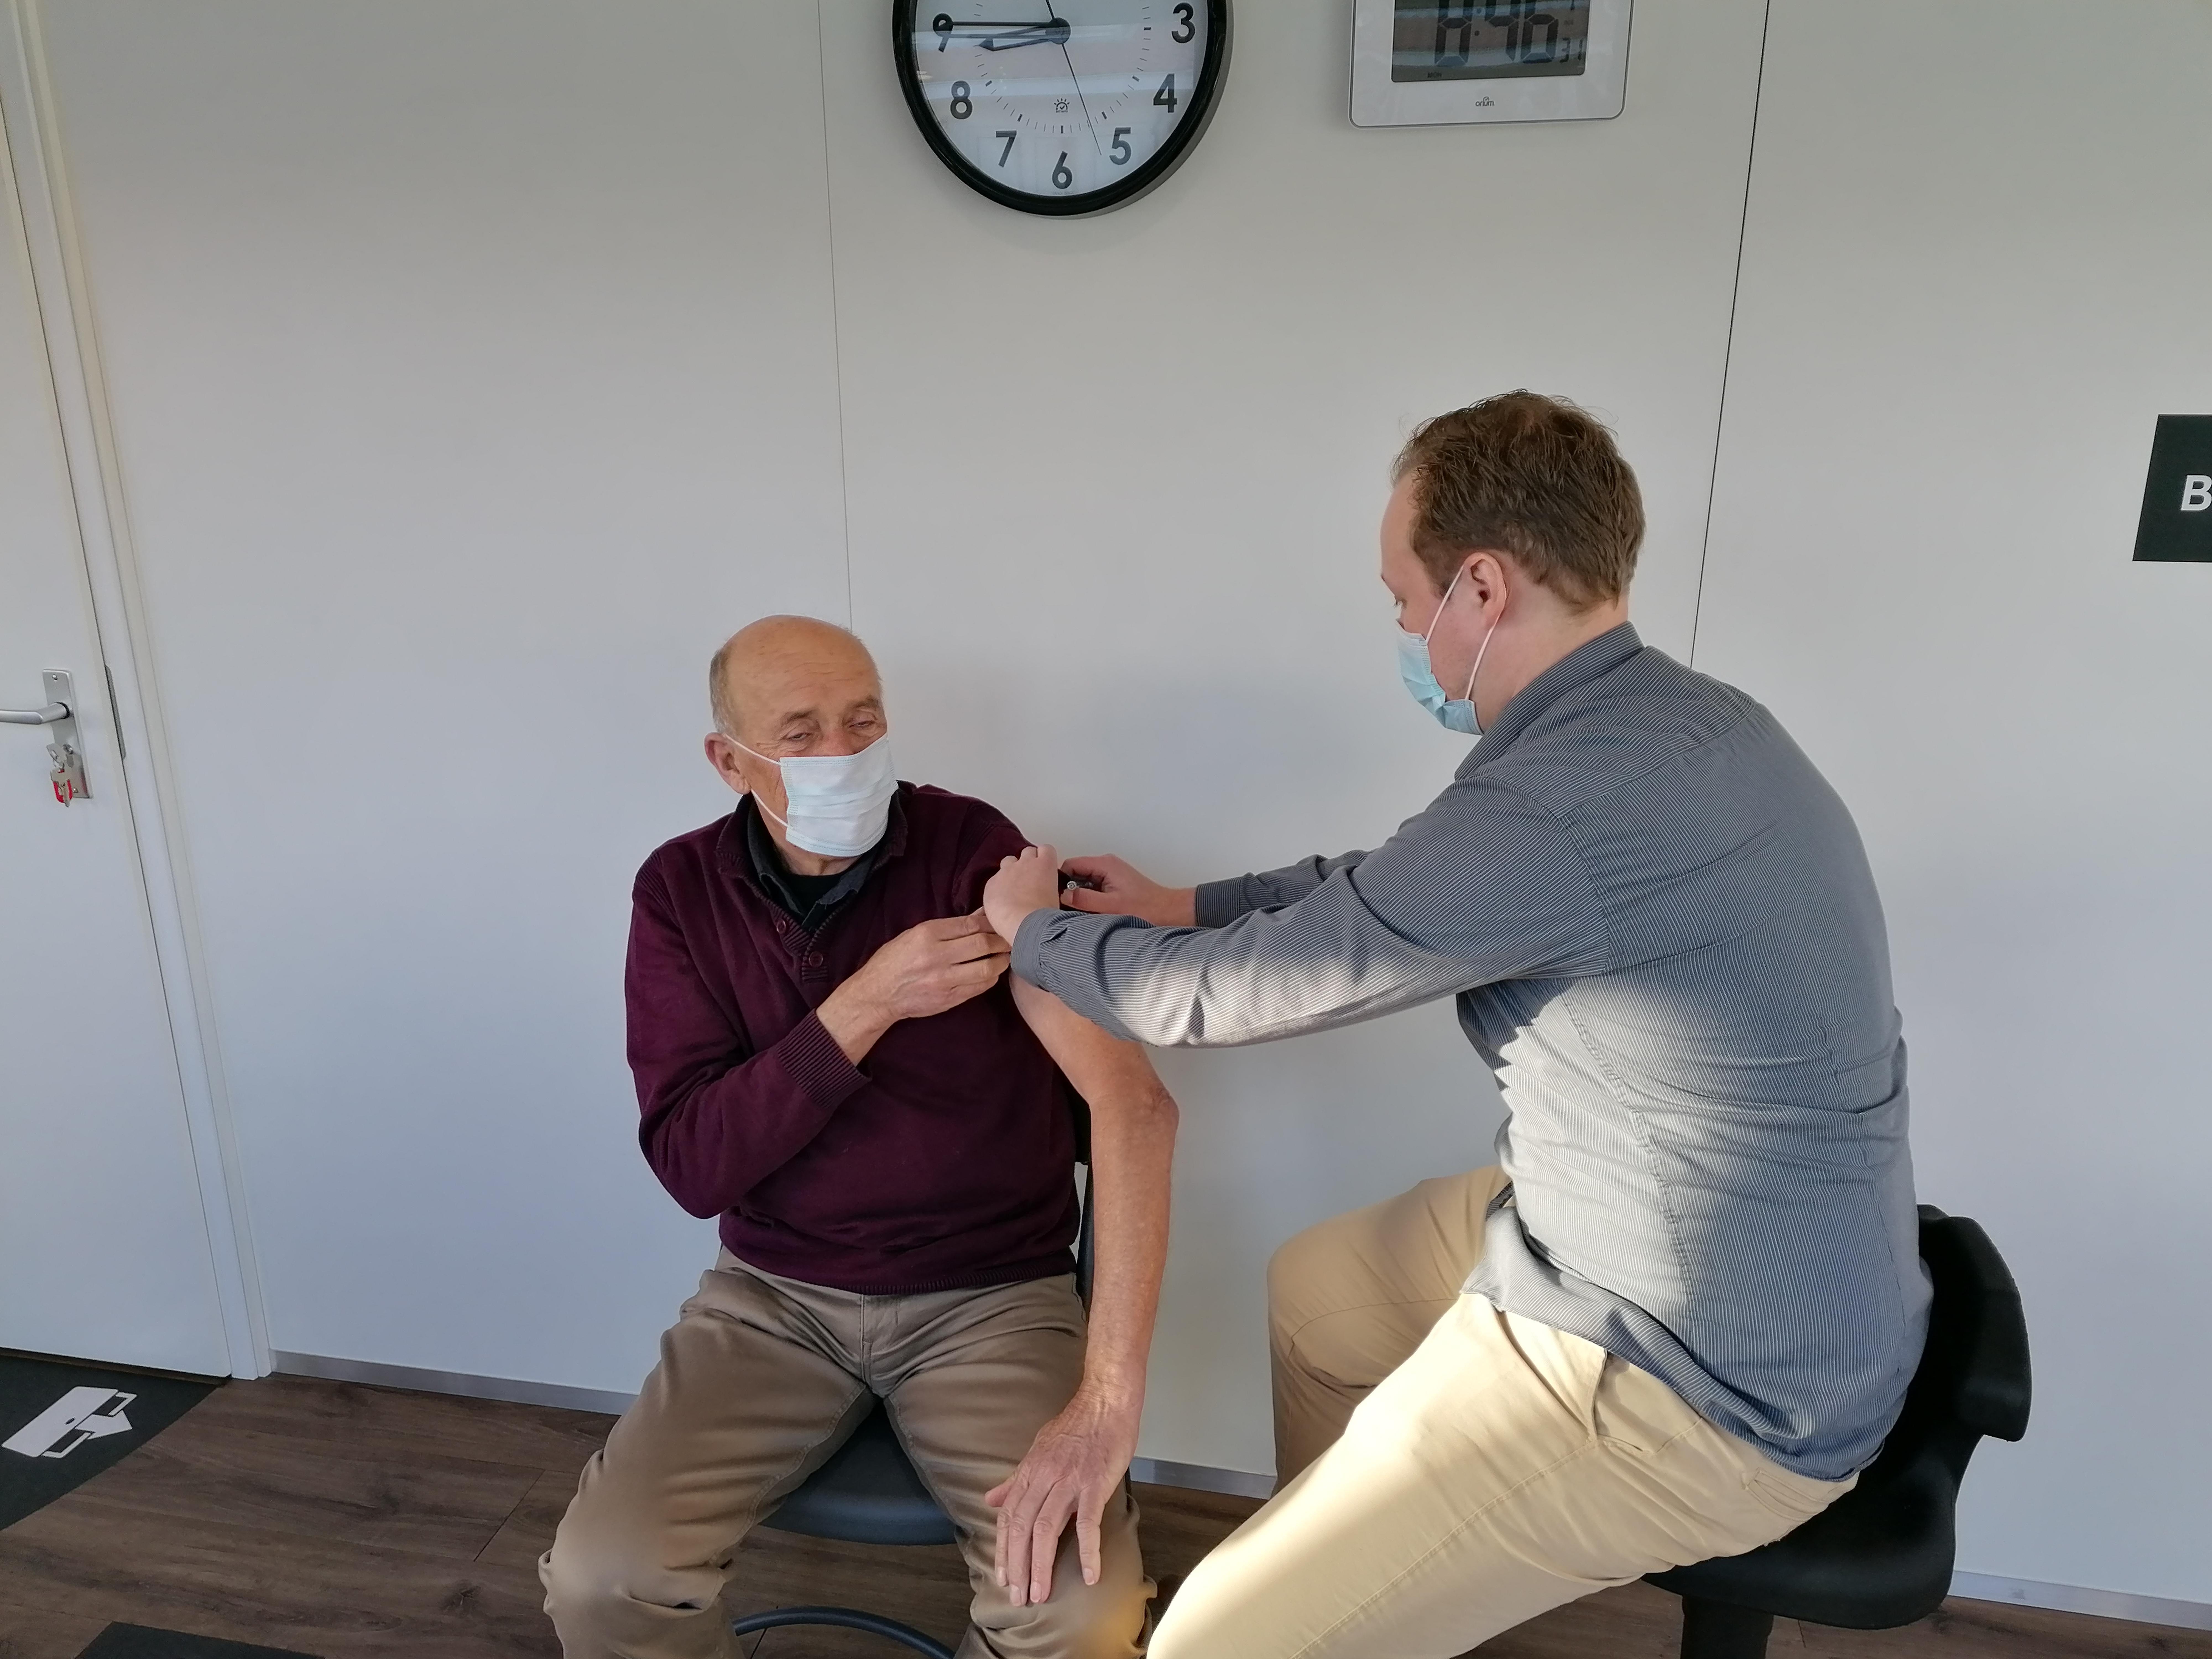 Eerste pop-up vaccinatielocatie van Nederland geopend in Zandvoort: 'Fijn dat ouderen nu voor beide prikken dichtbij huis terecht kunnen'